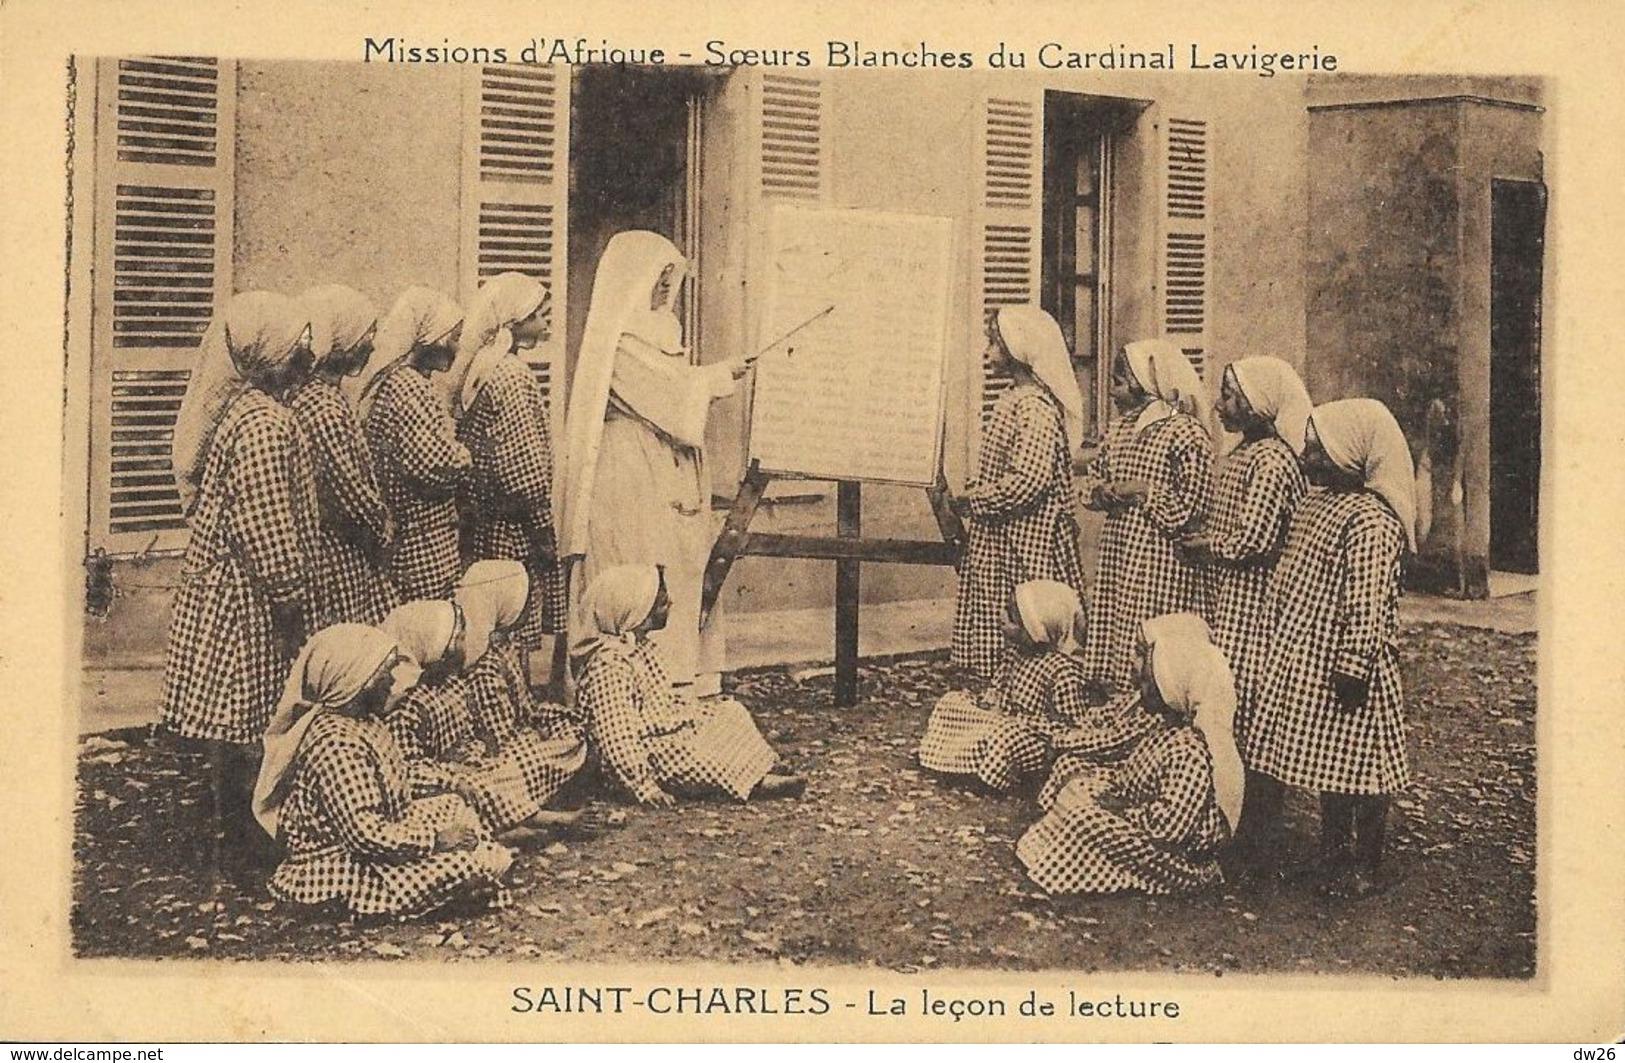 Missions D'Afrique - Soeurs Blanches Du Cardinal Lavigerie - Saint-Charles: La Leçon De Lecture - Missions